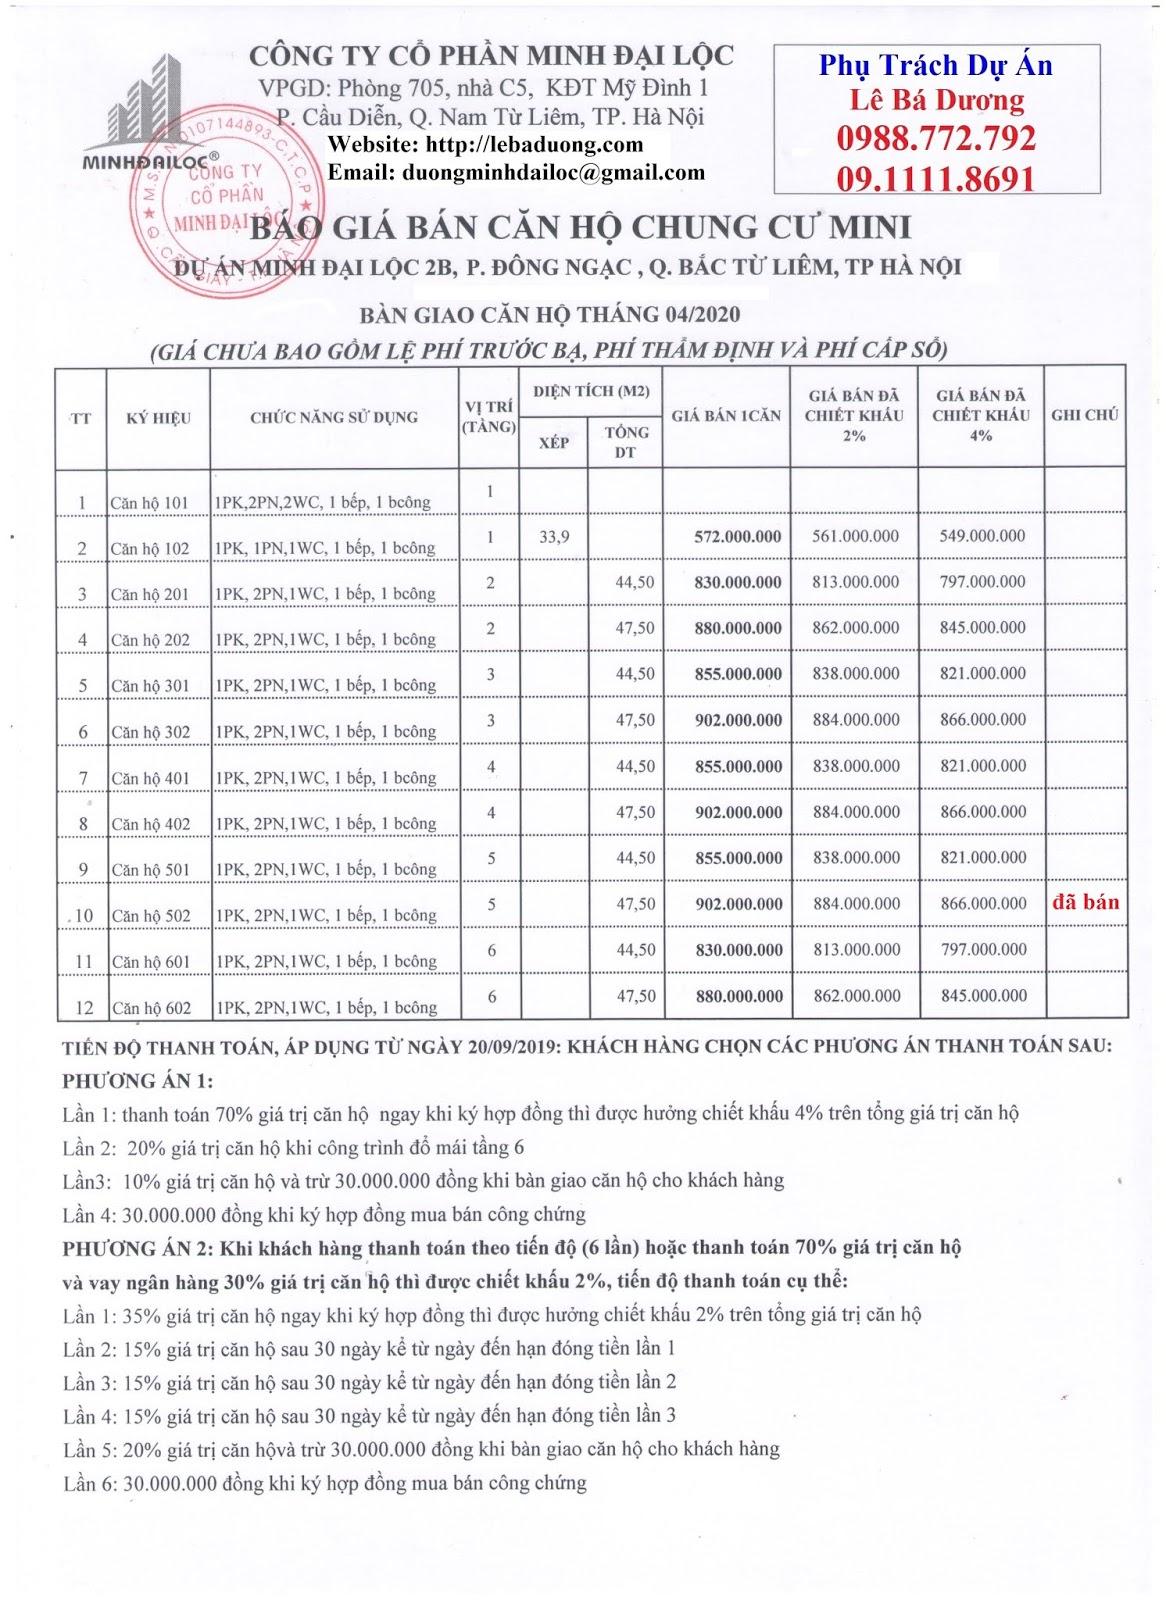 Bảng giá chung cư mini Minh Đại Lộc 2B (tòa số 7)